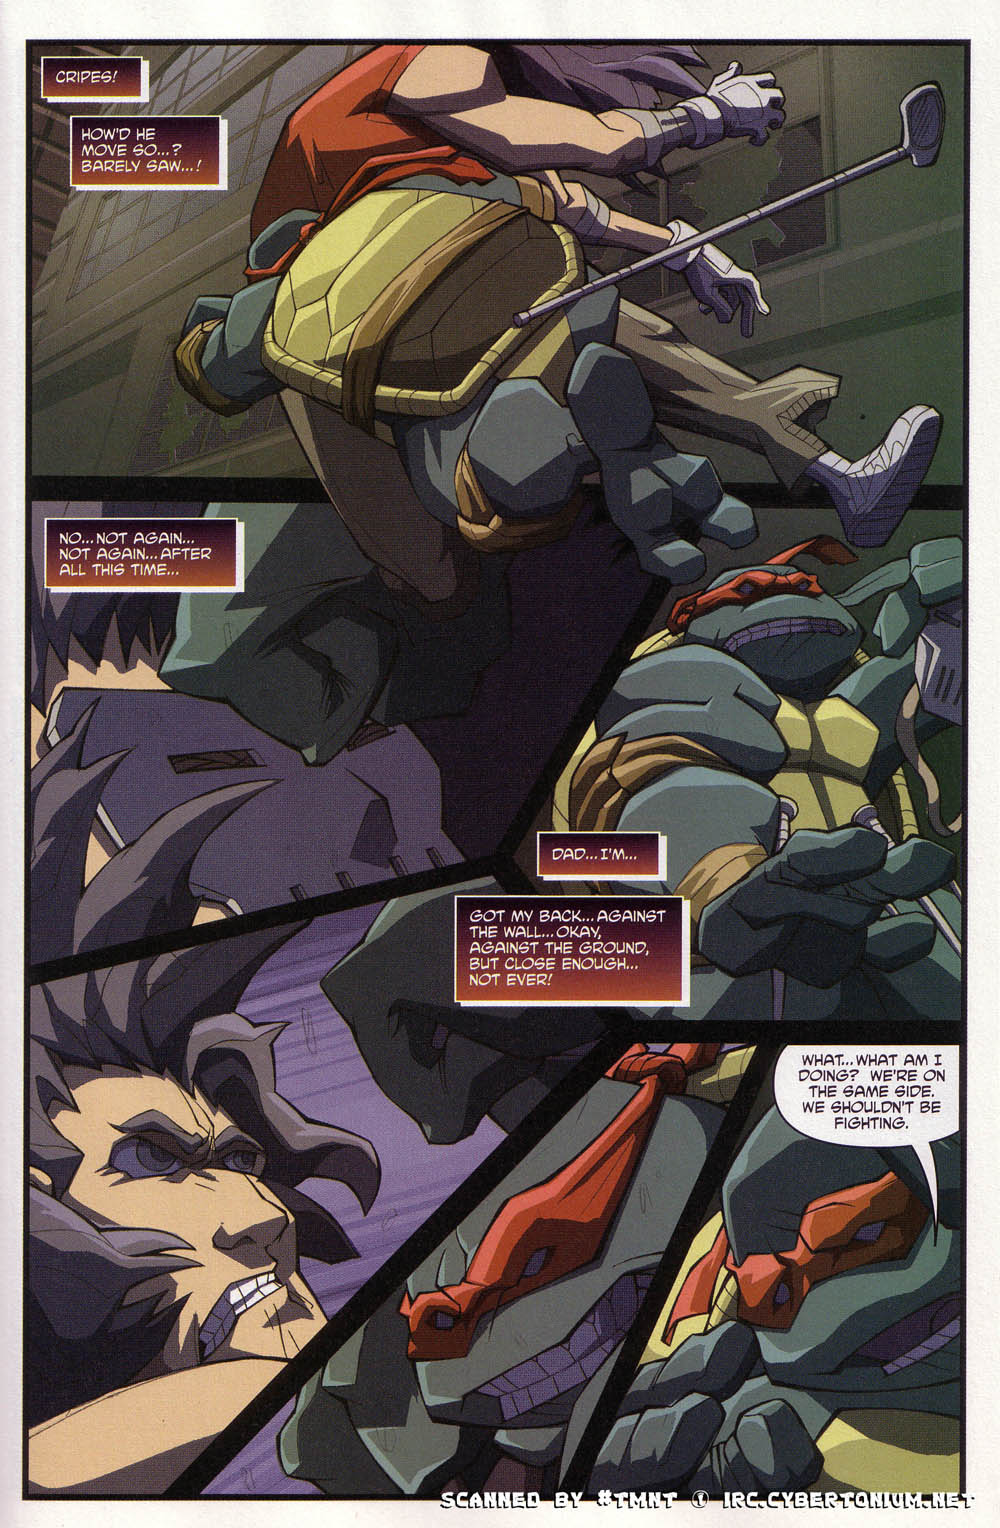 Teenage Mutant Ninja Turtles (2003) issue 4 - Page 17